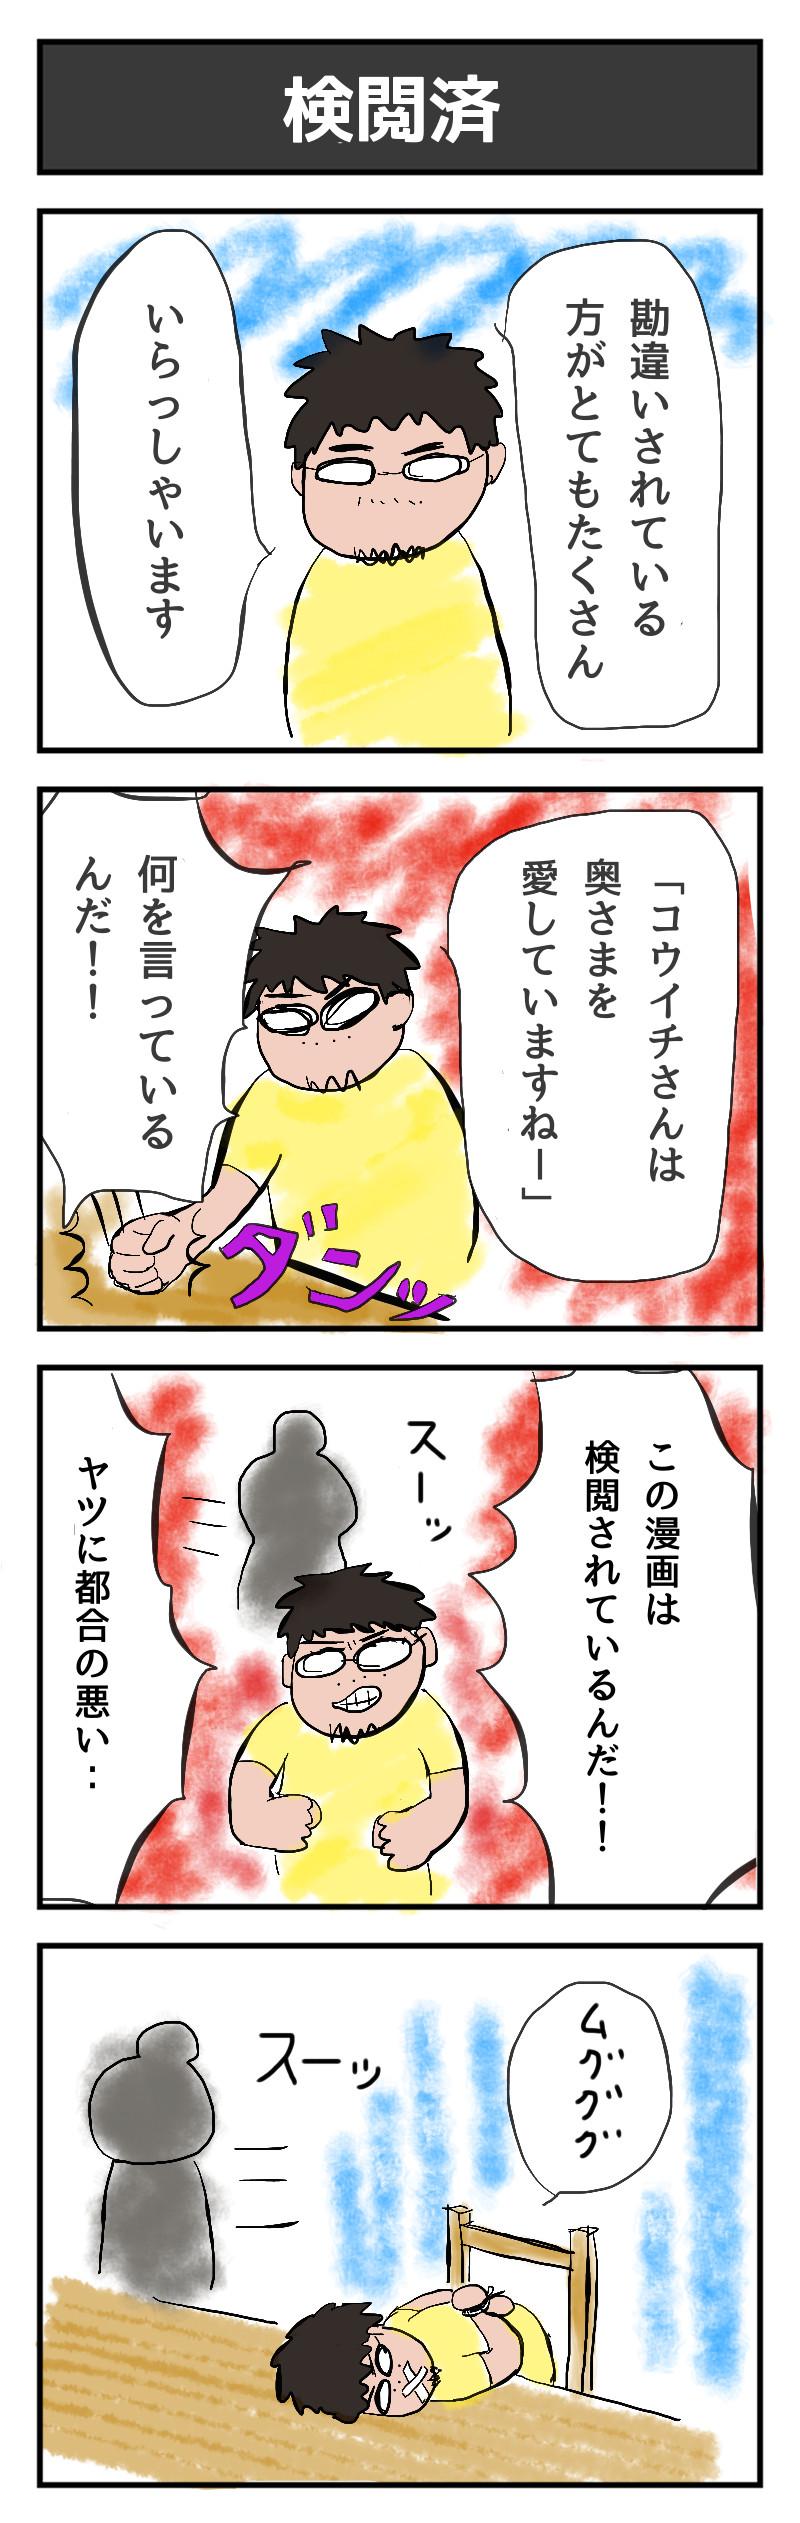 【93】検閲済